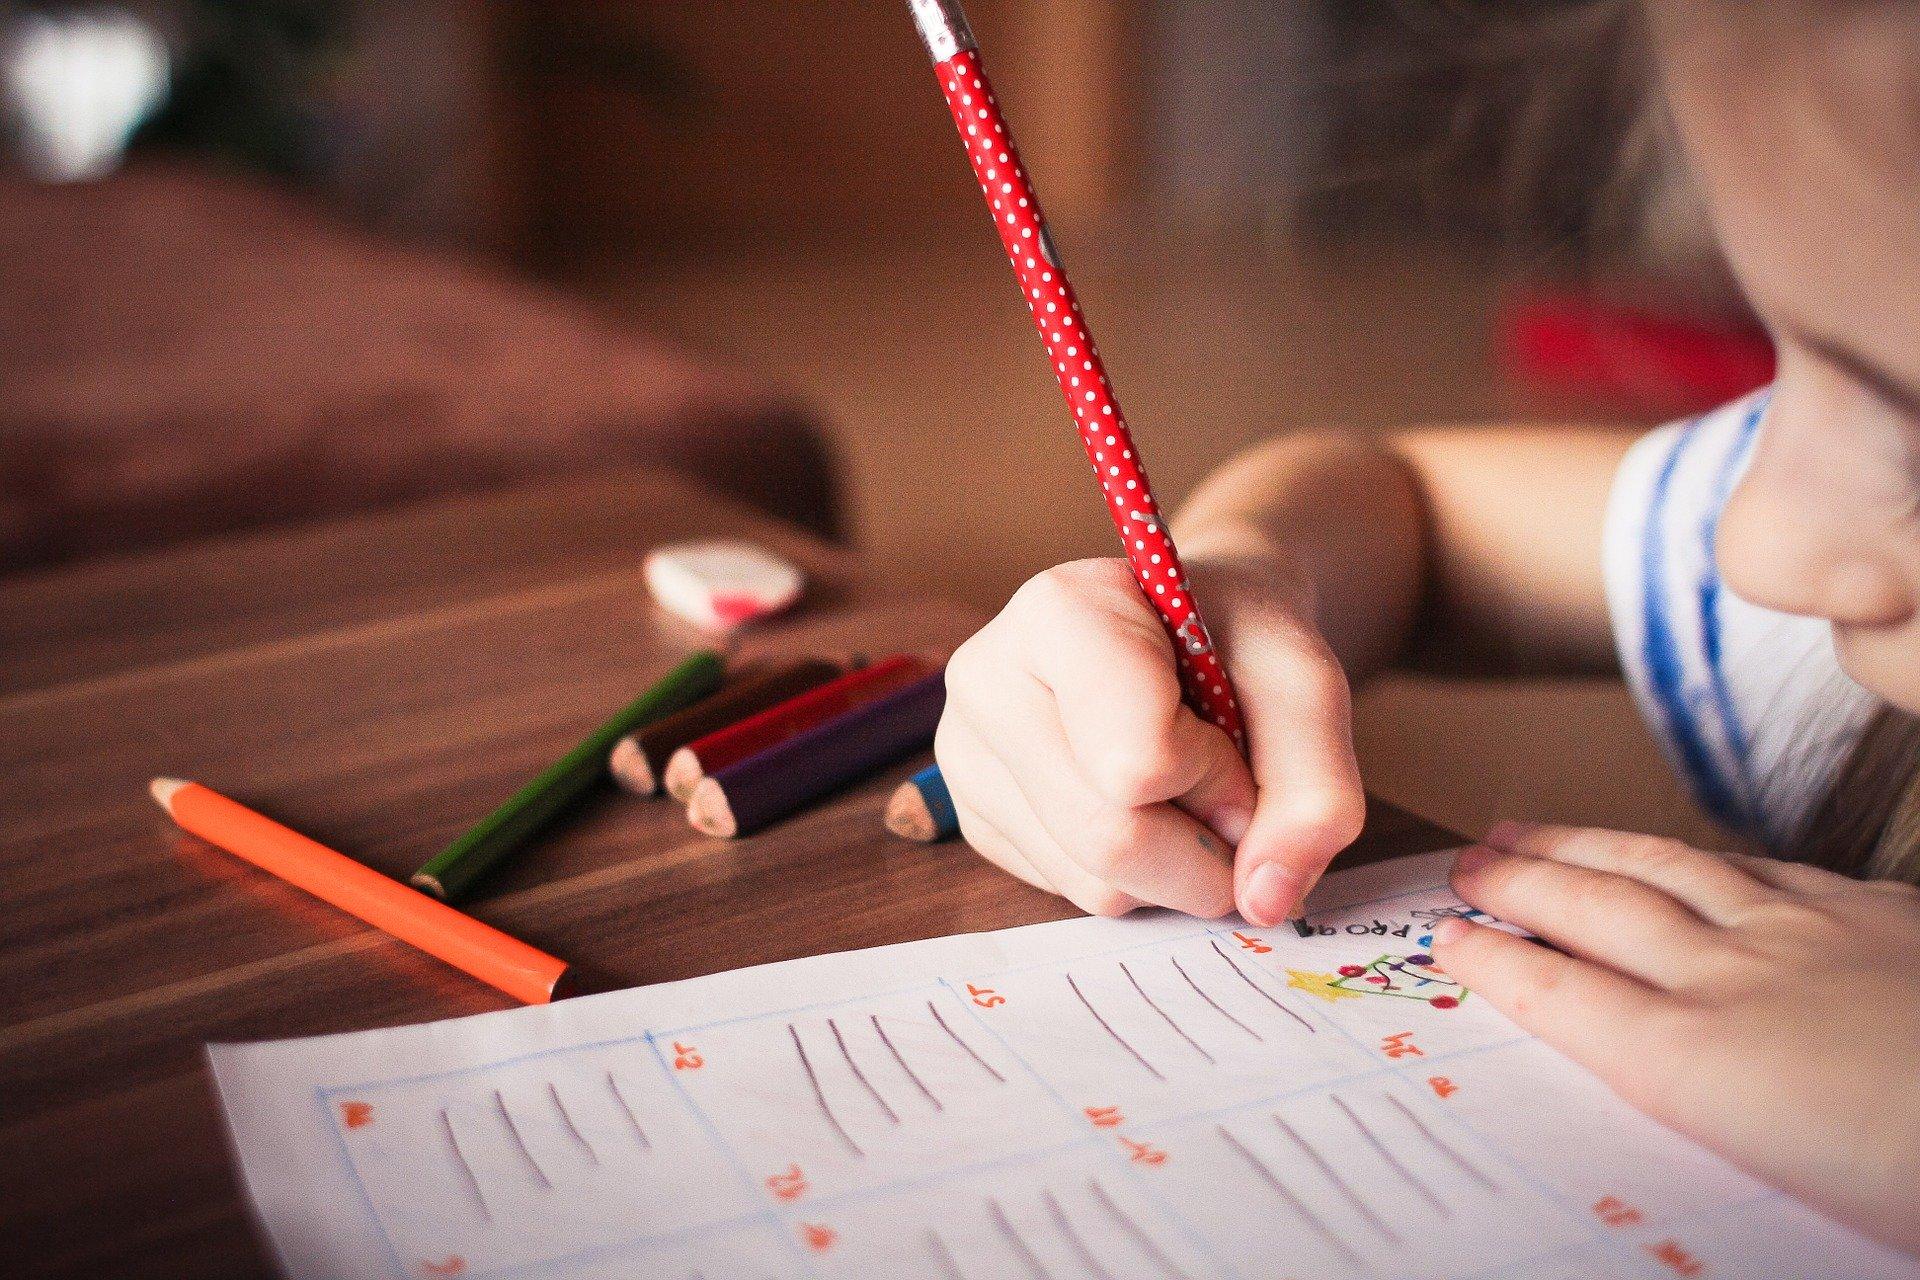 Governo atribui 15 milhões para apoiar alunos com dificuldades de aprendizagem